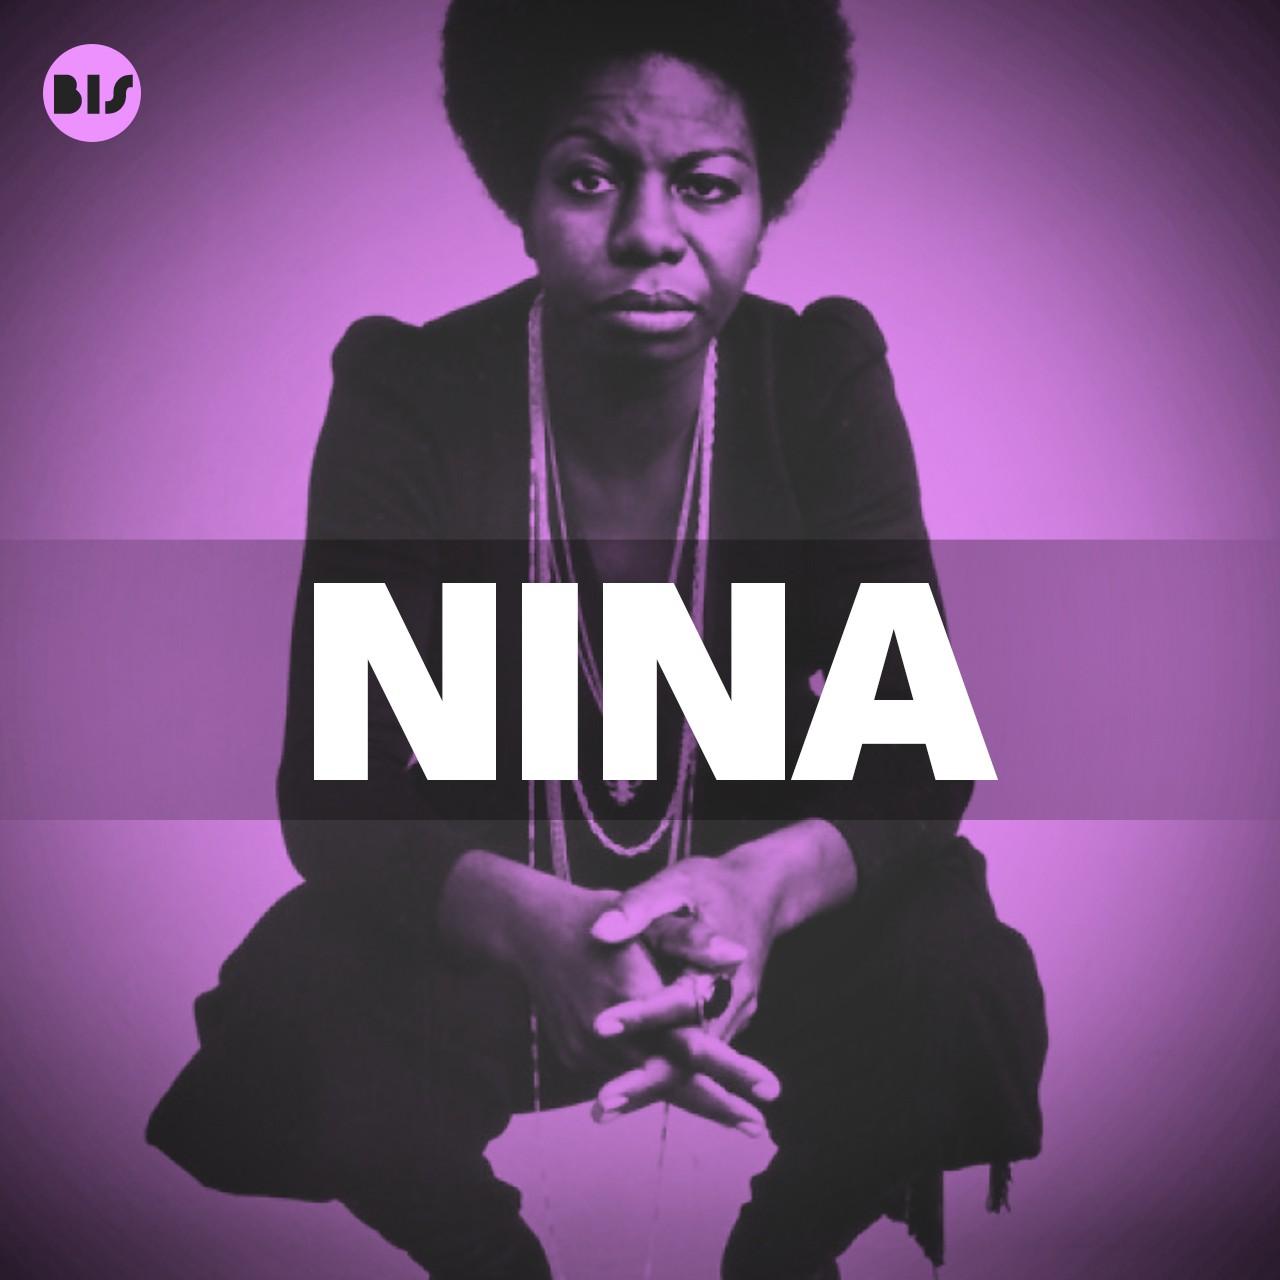 Playlist do BIS no Spotify homenageia Nina Simone, que nos deixou h 15 anos (Foto: BIS)